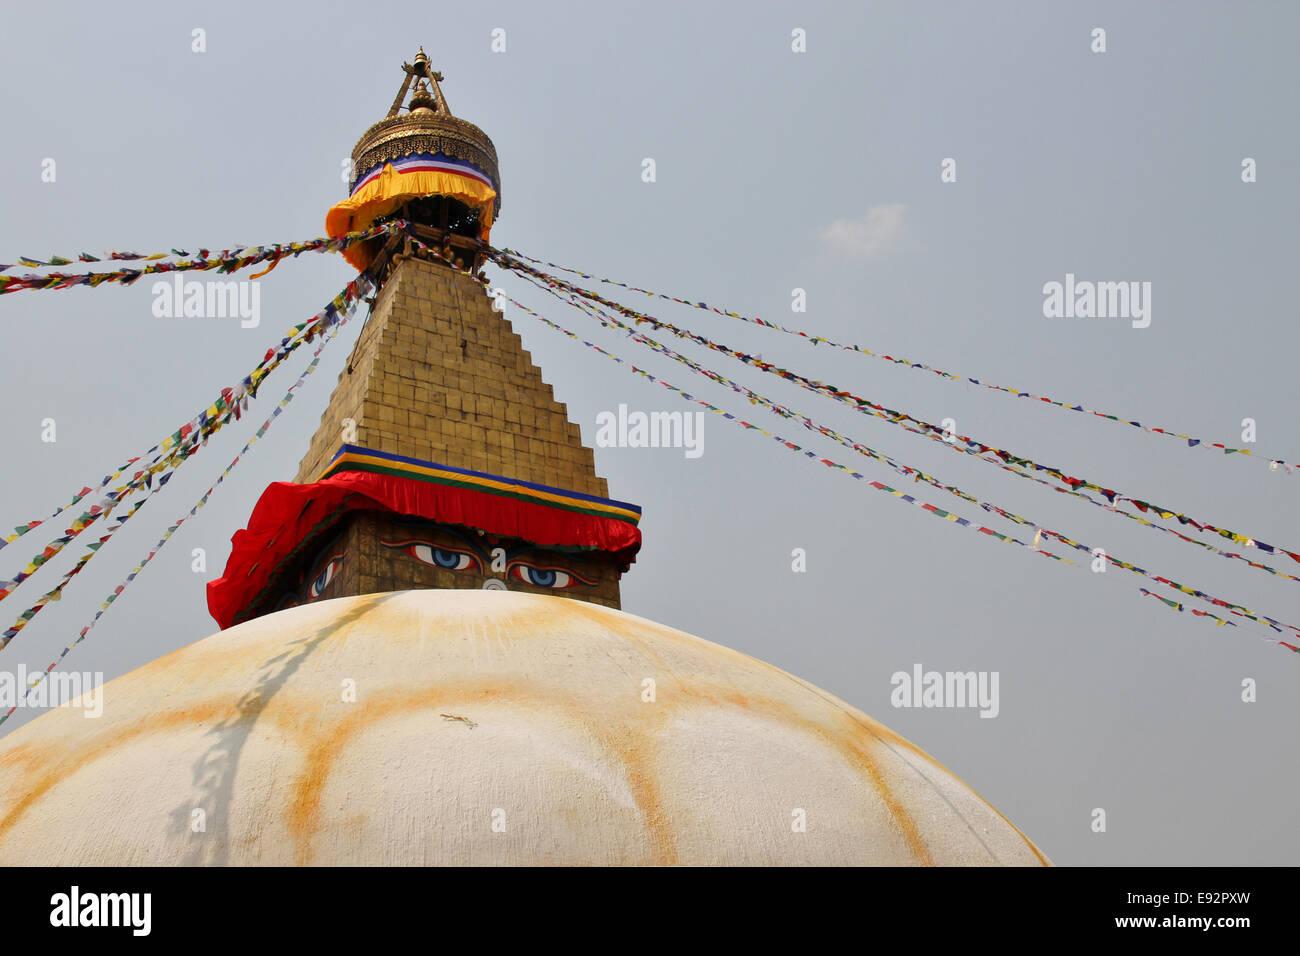 Bodhnath Stupa, Kathmandu, Nepal - Stock Image